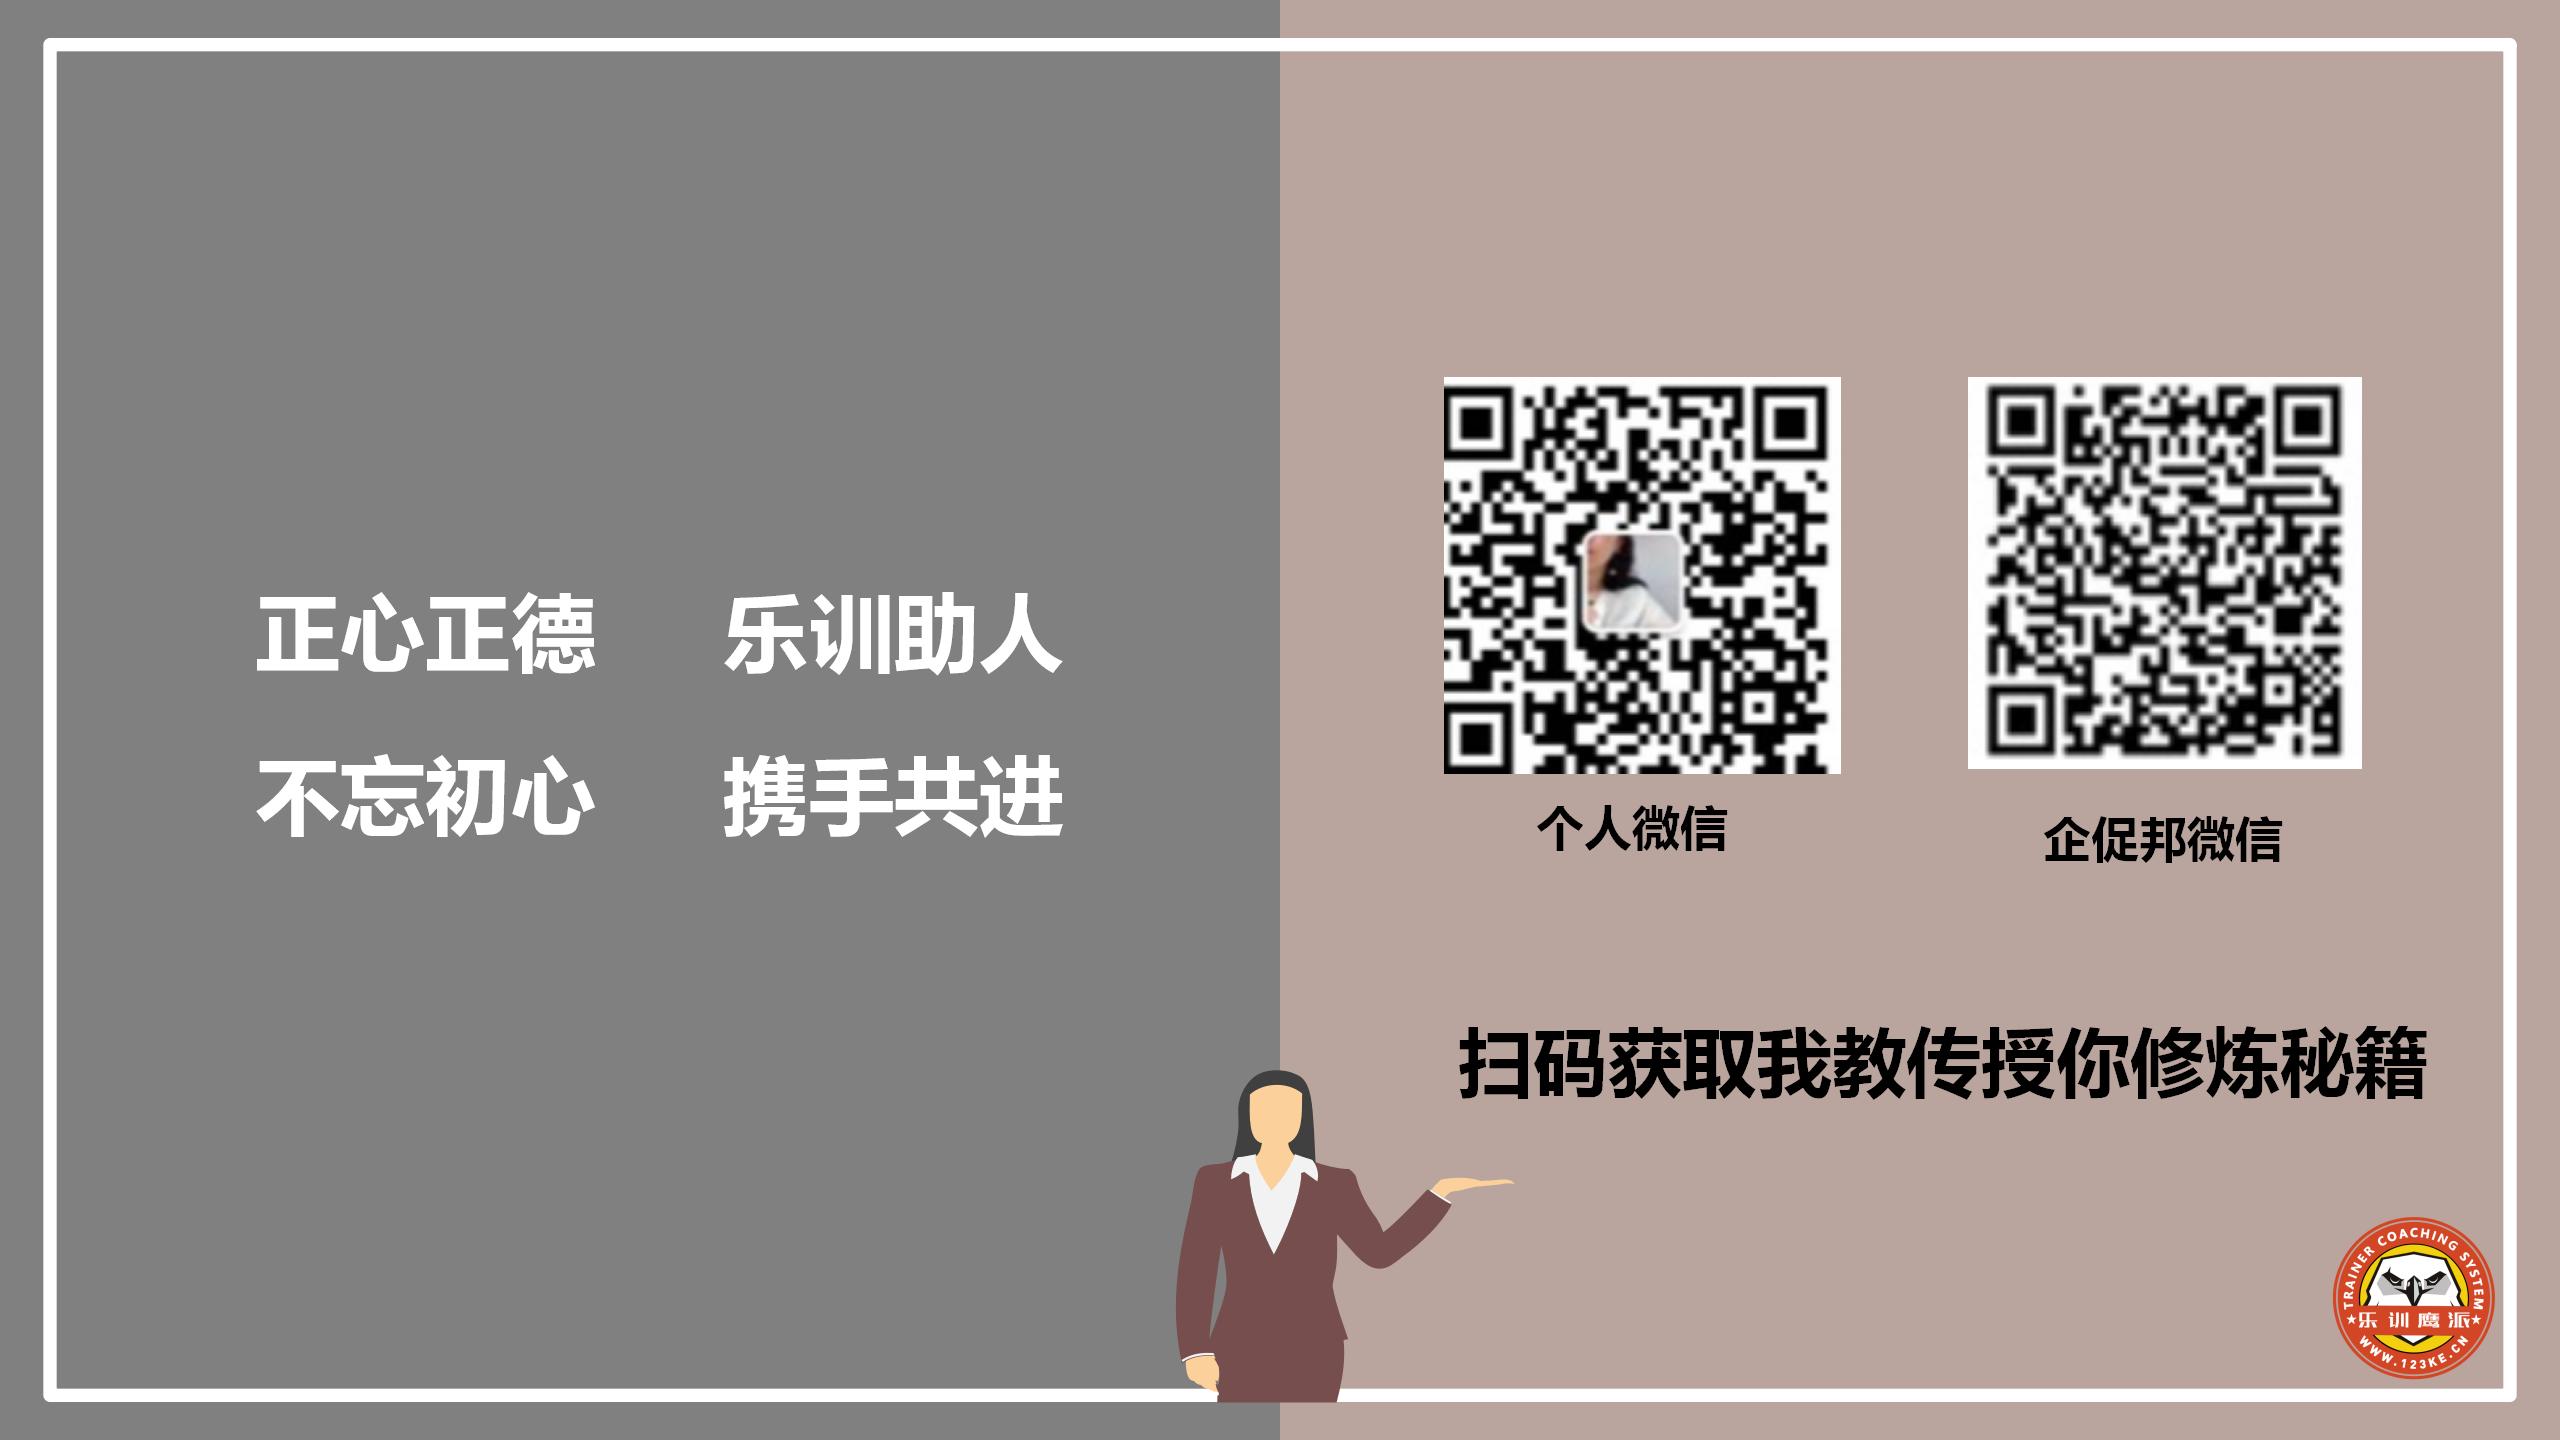 方芳共享大企业讲师介绍_49